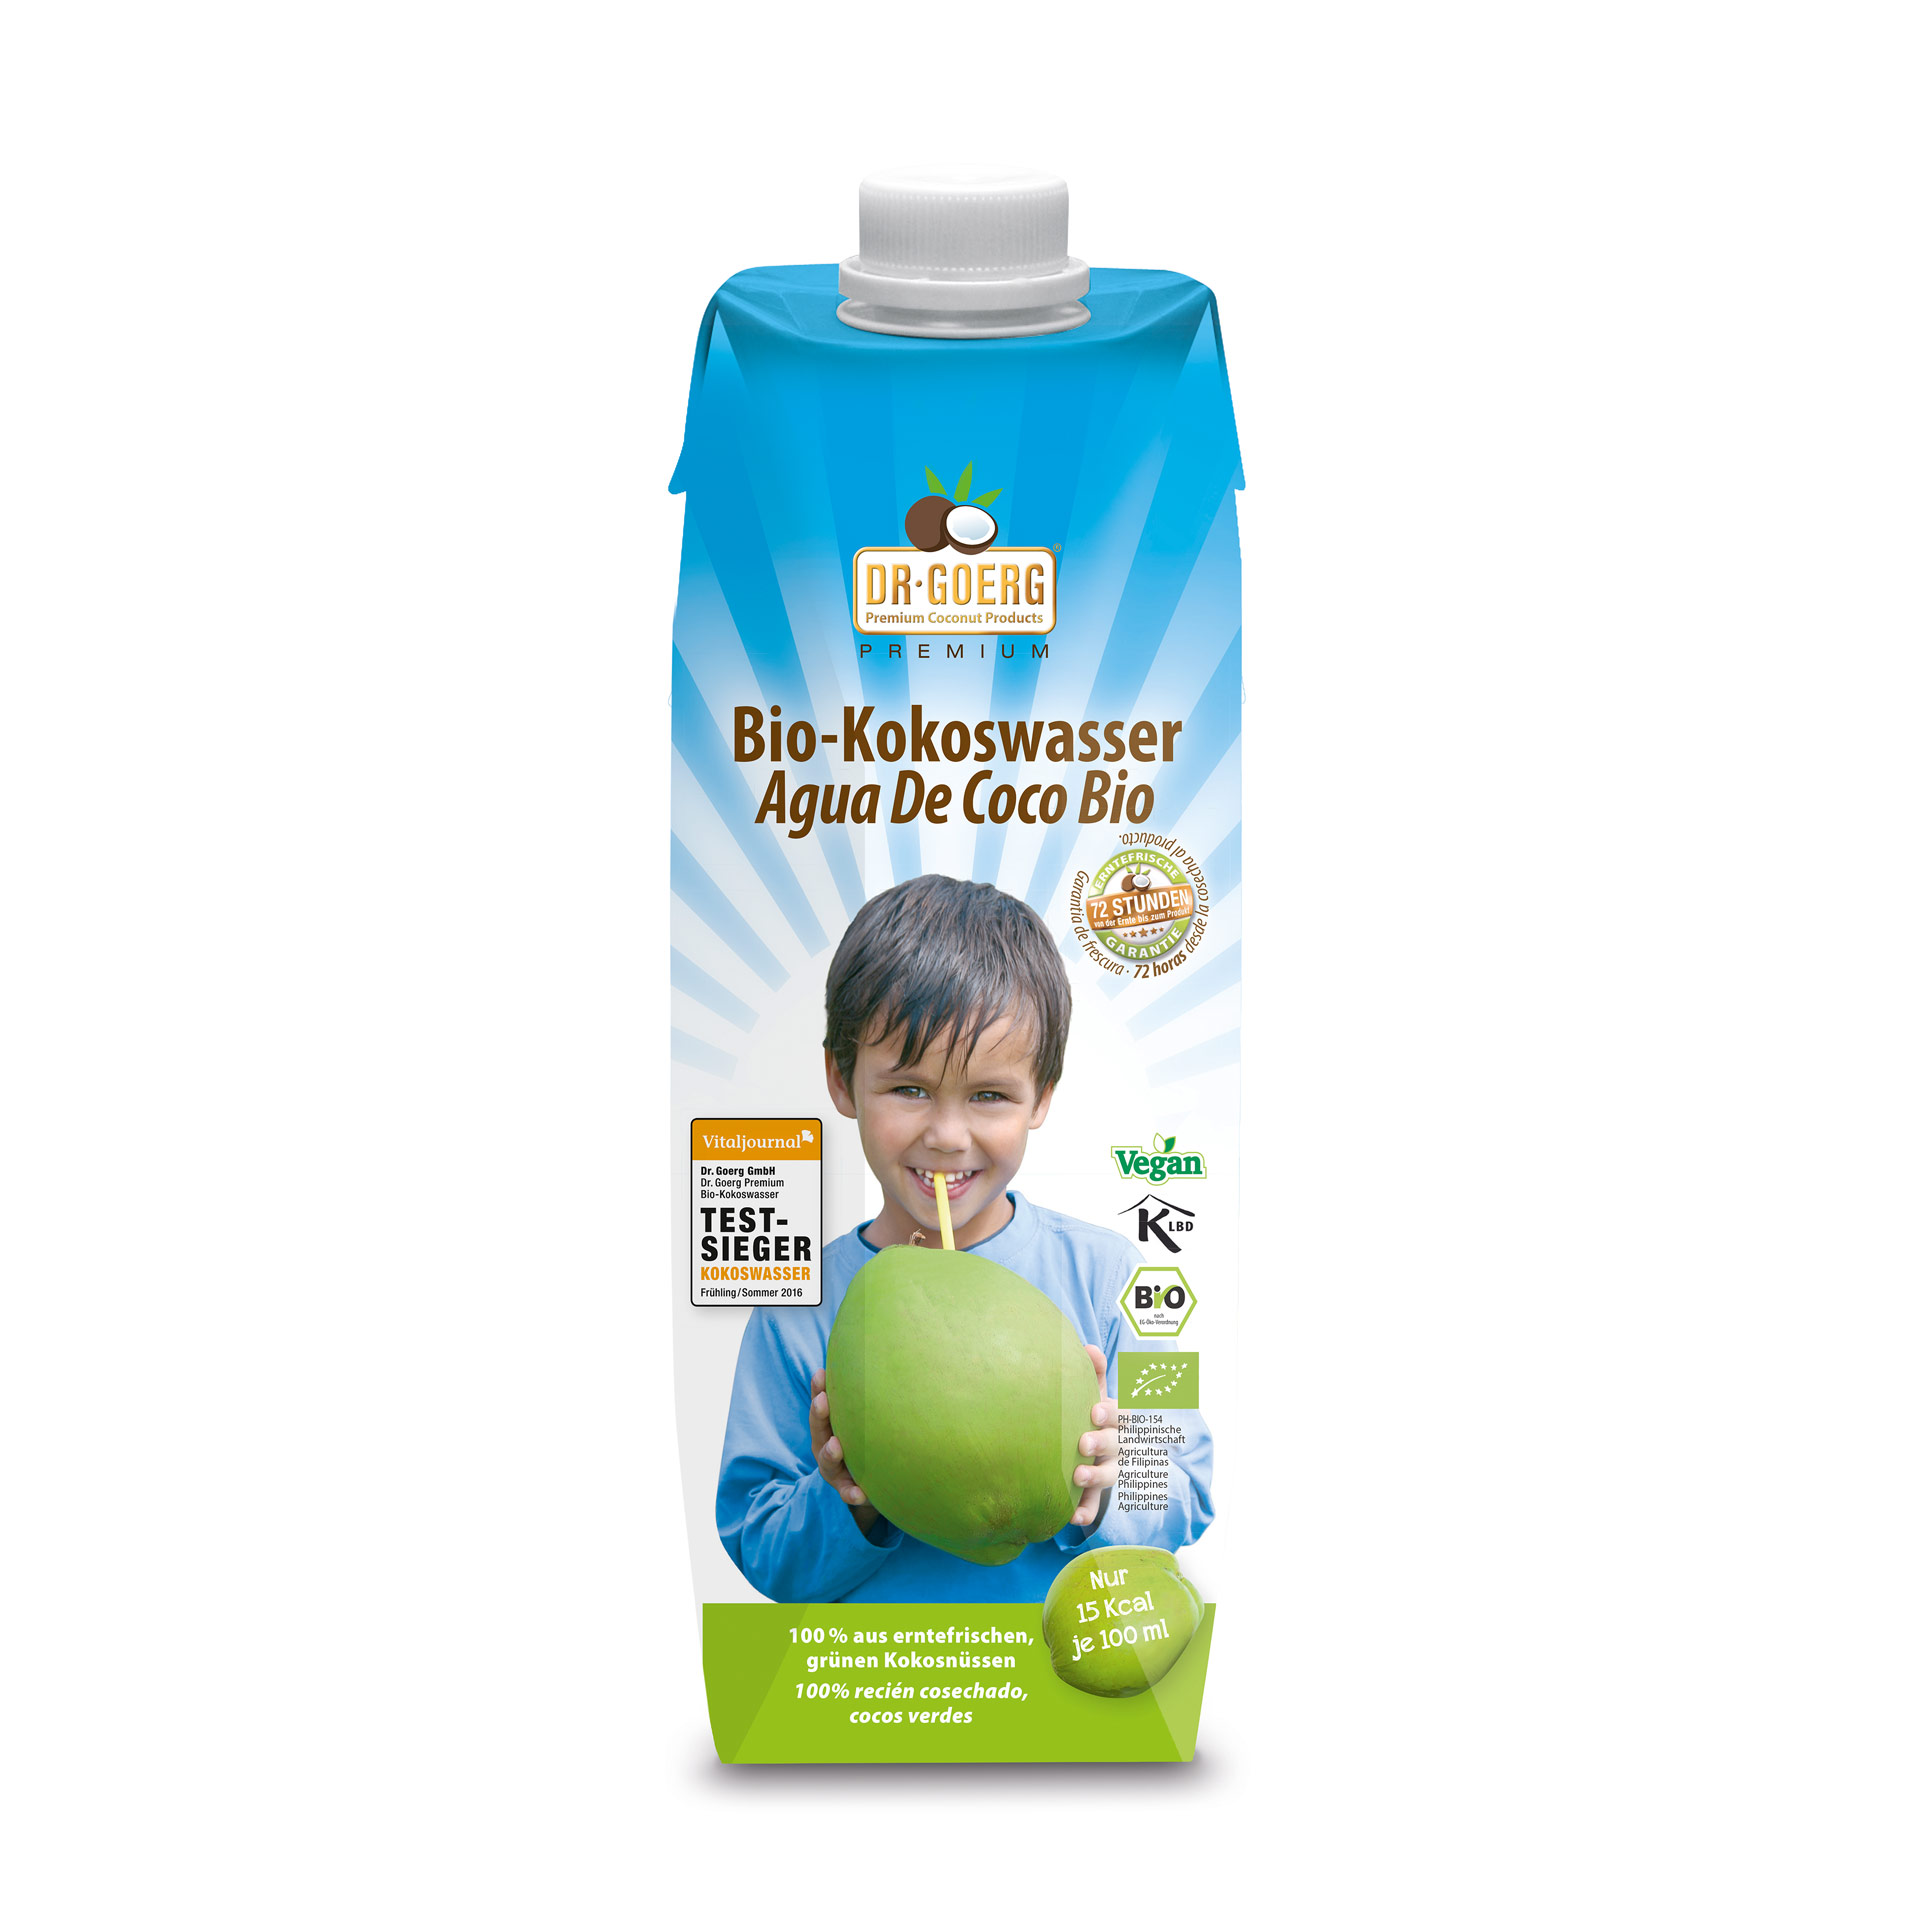 Kokoswasser, bio, 12er Pack, 1000 ml